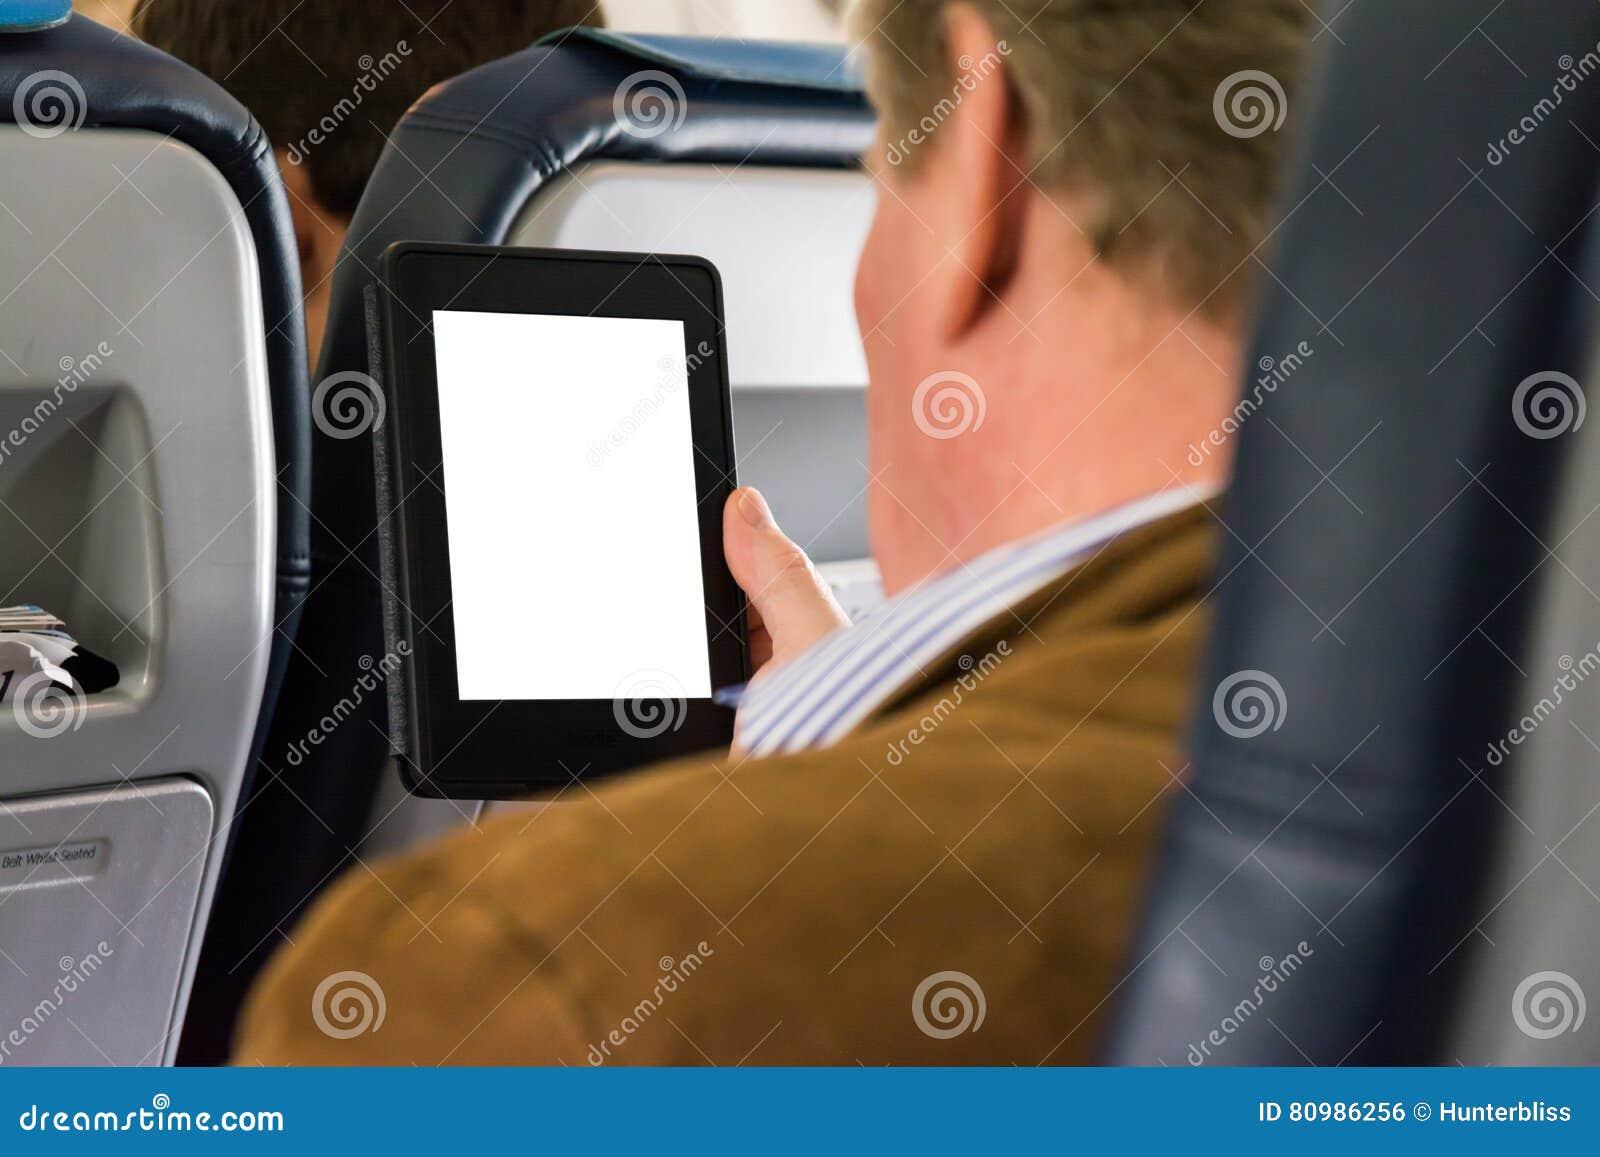 Negocio casual de Seat del aeroplano del hombre que lee la tableta blanca en blanco E-R